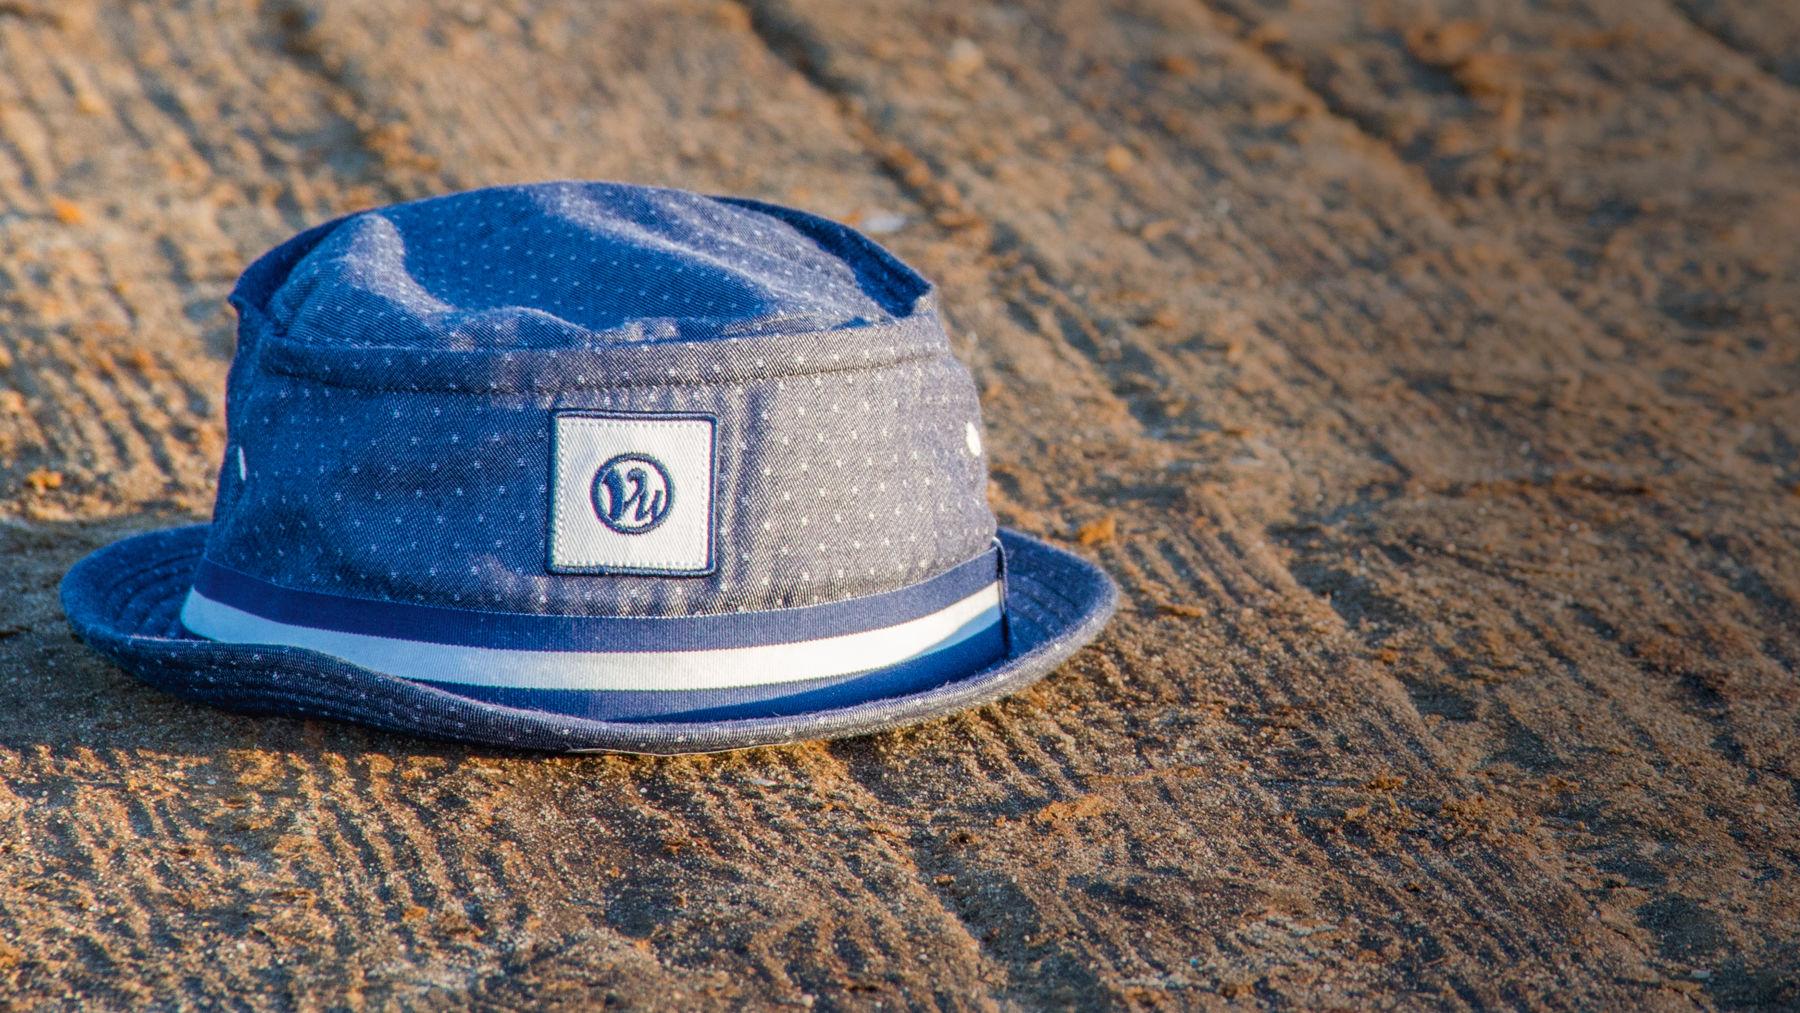 75083fae0950 Reilley bucket hat sitting on sand